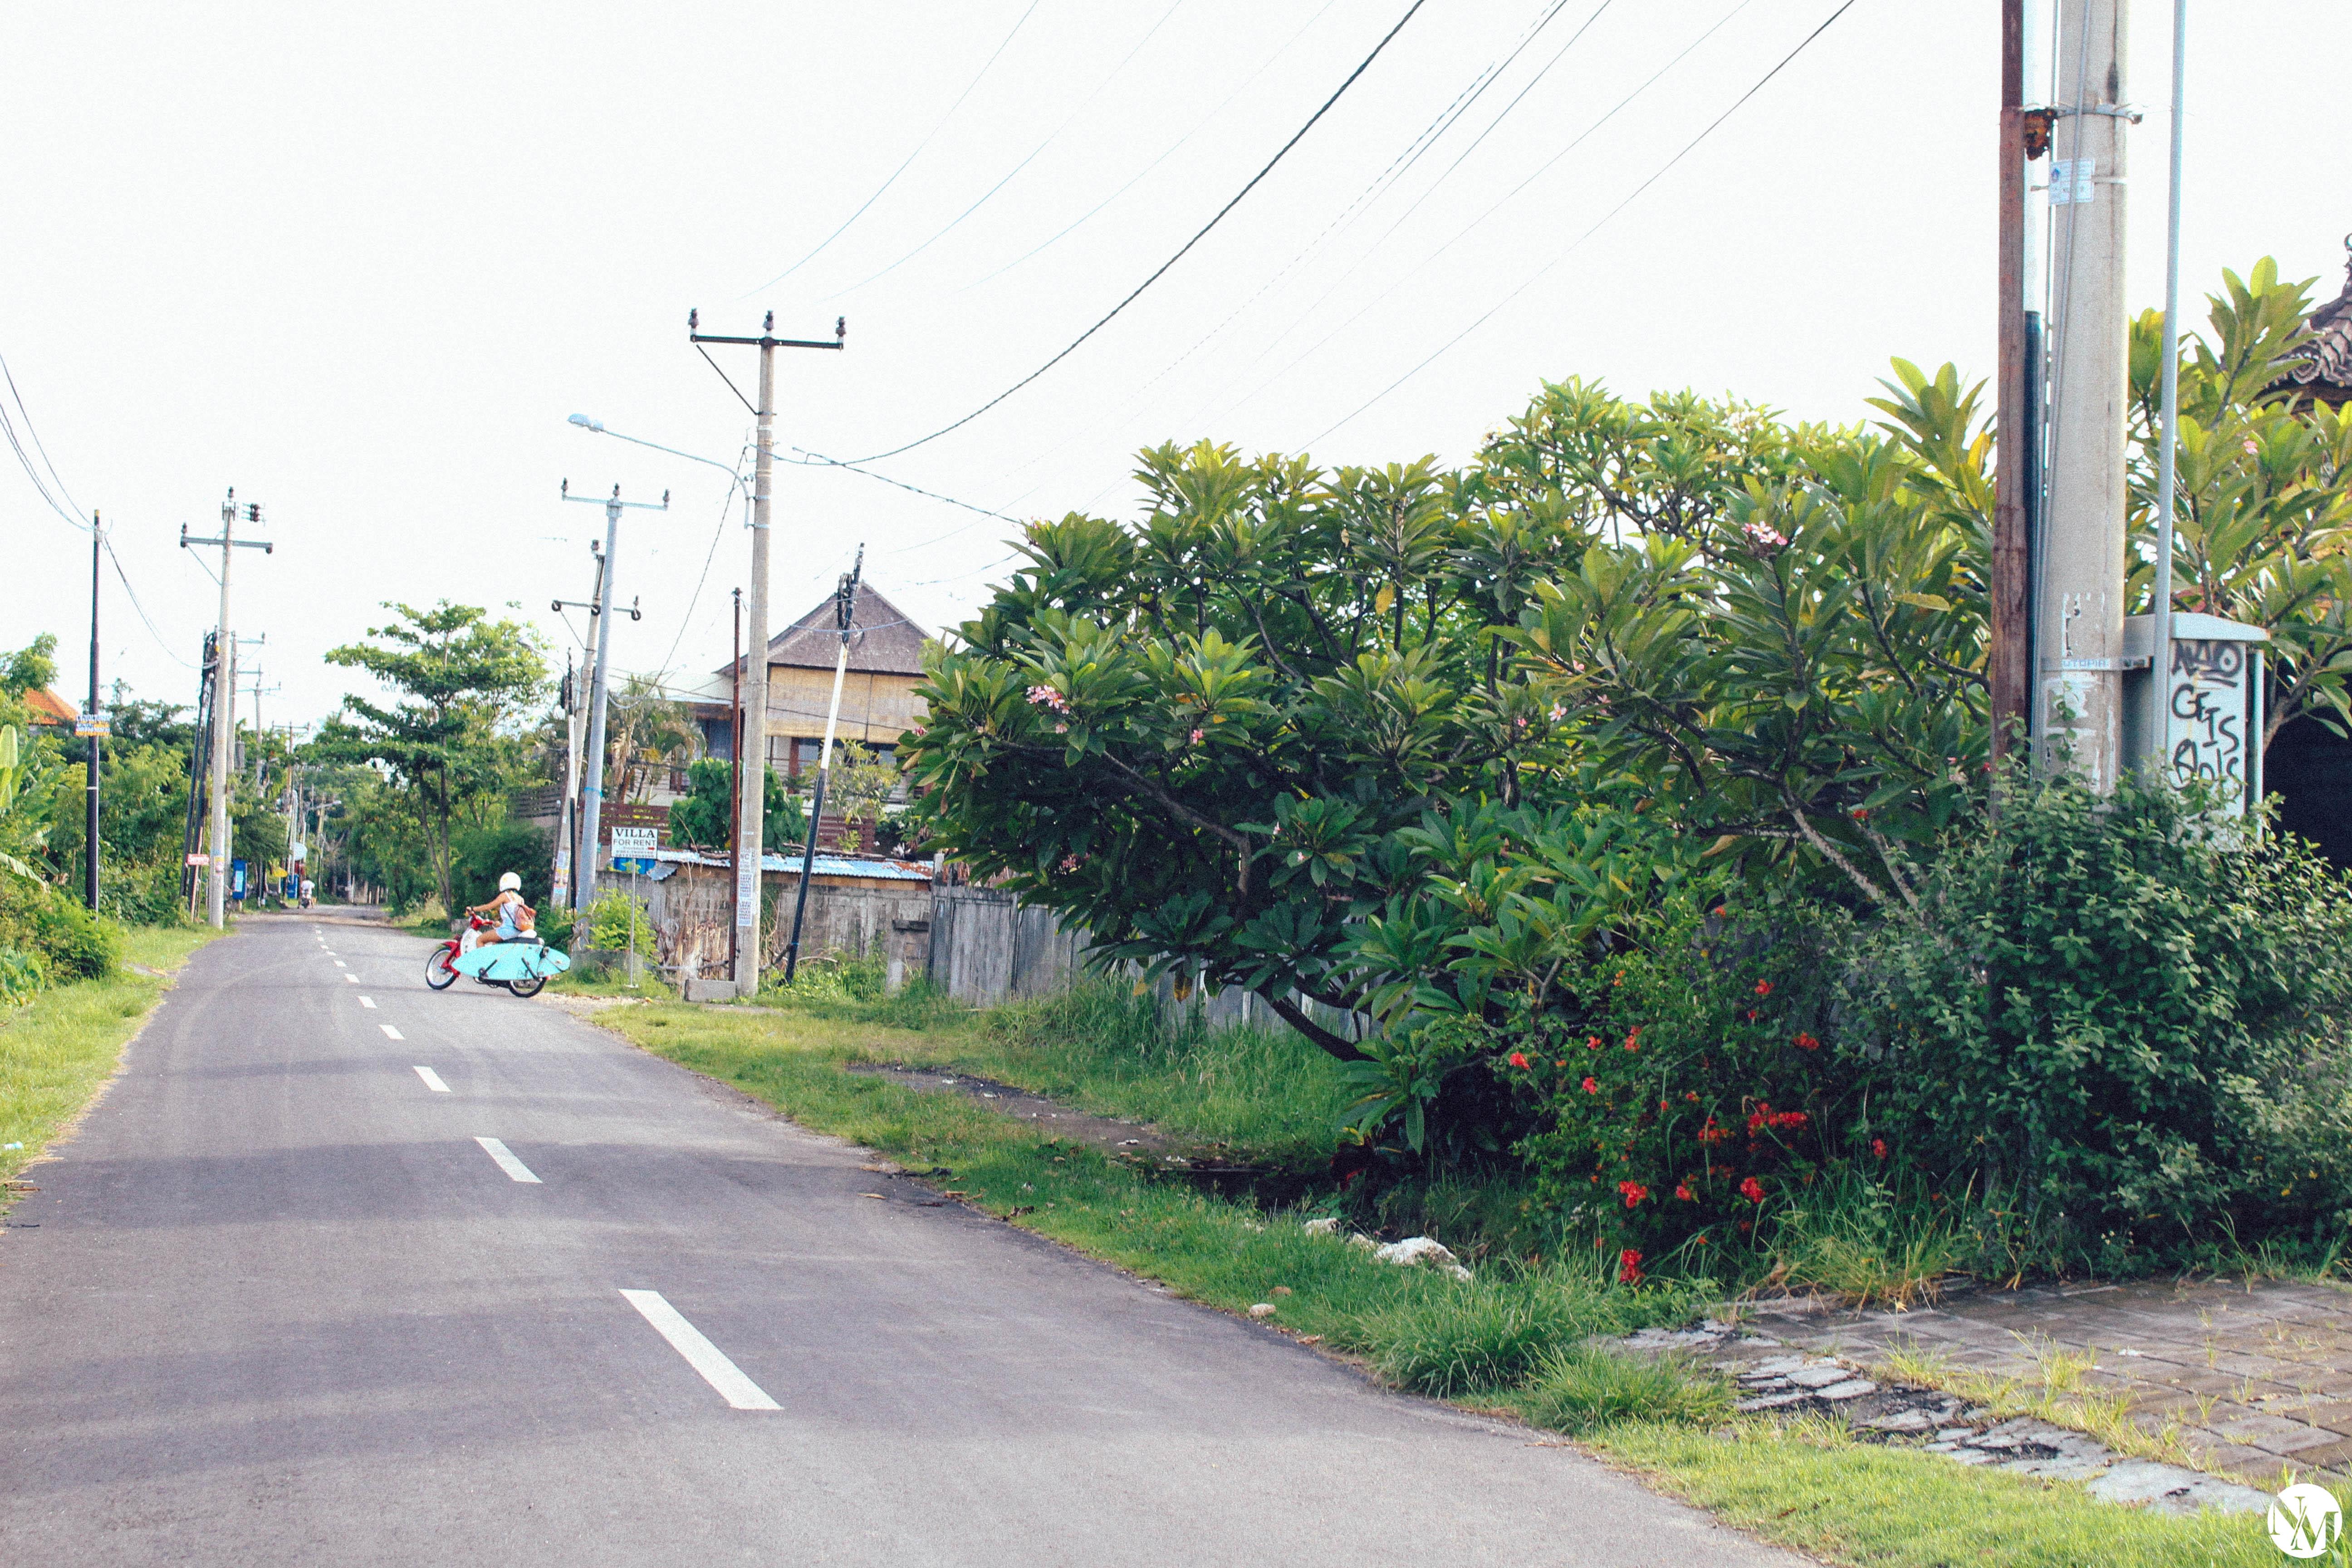 Canggu Bali Travel Guide by Noni May-36